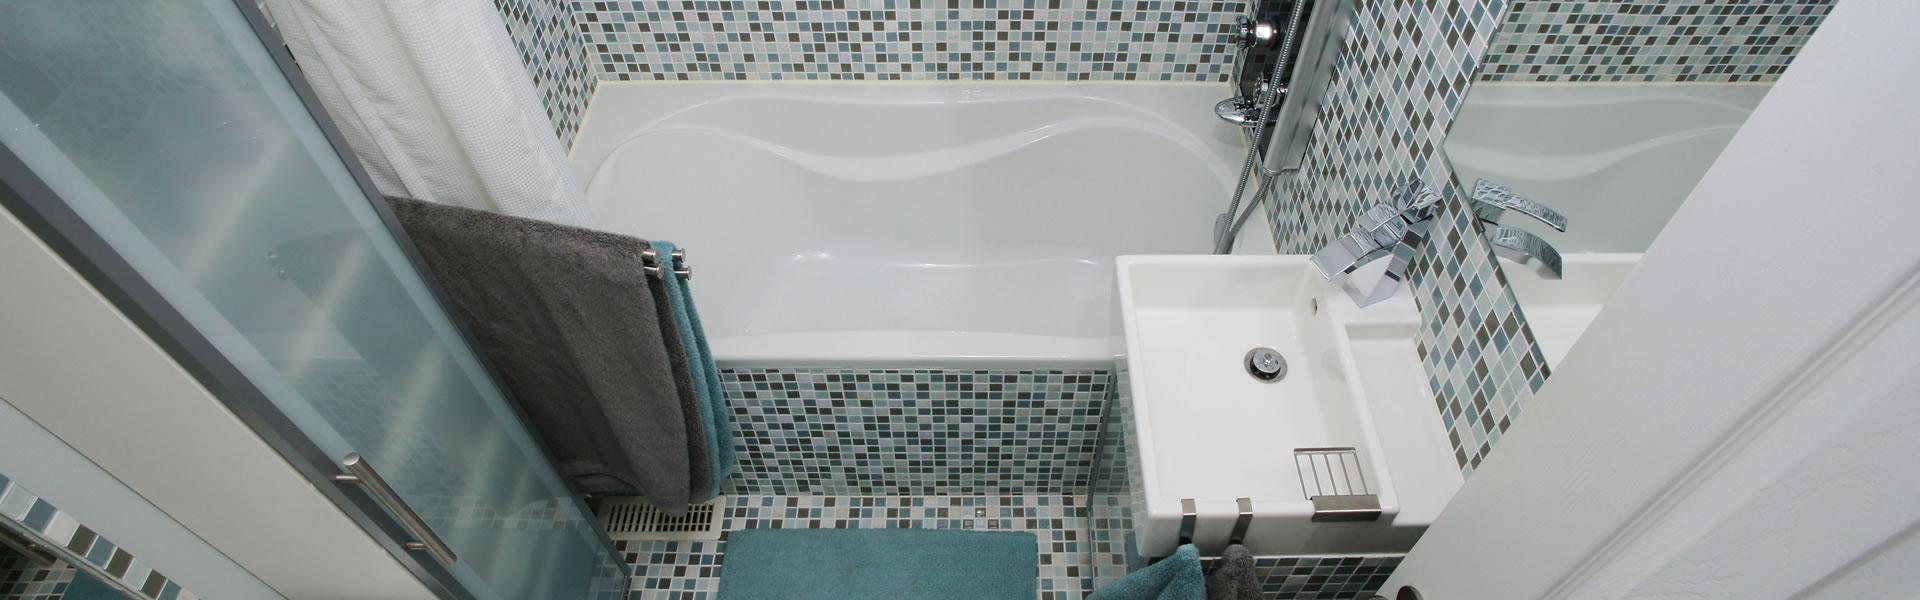 Zone Protection Electrique Salle De Bain ~ immeubles existants quipements lectriques des salles de bains